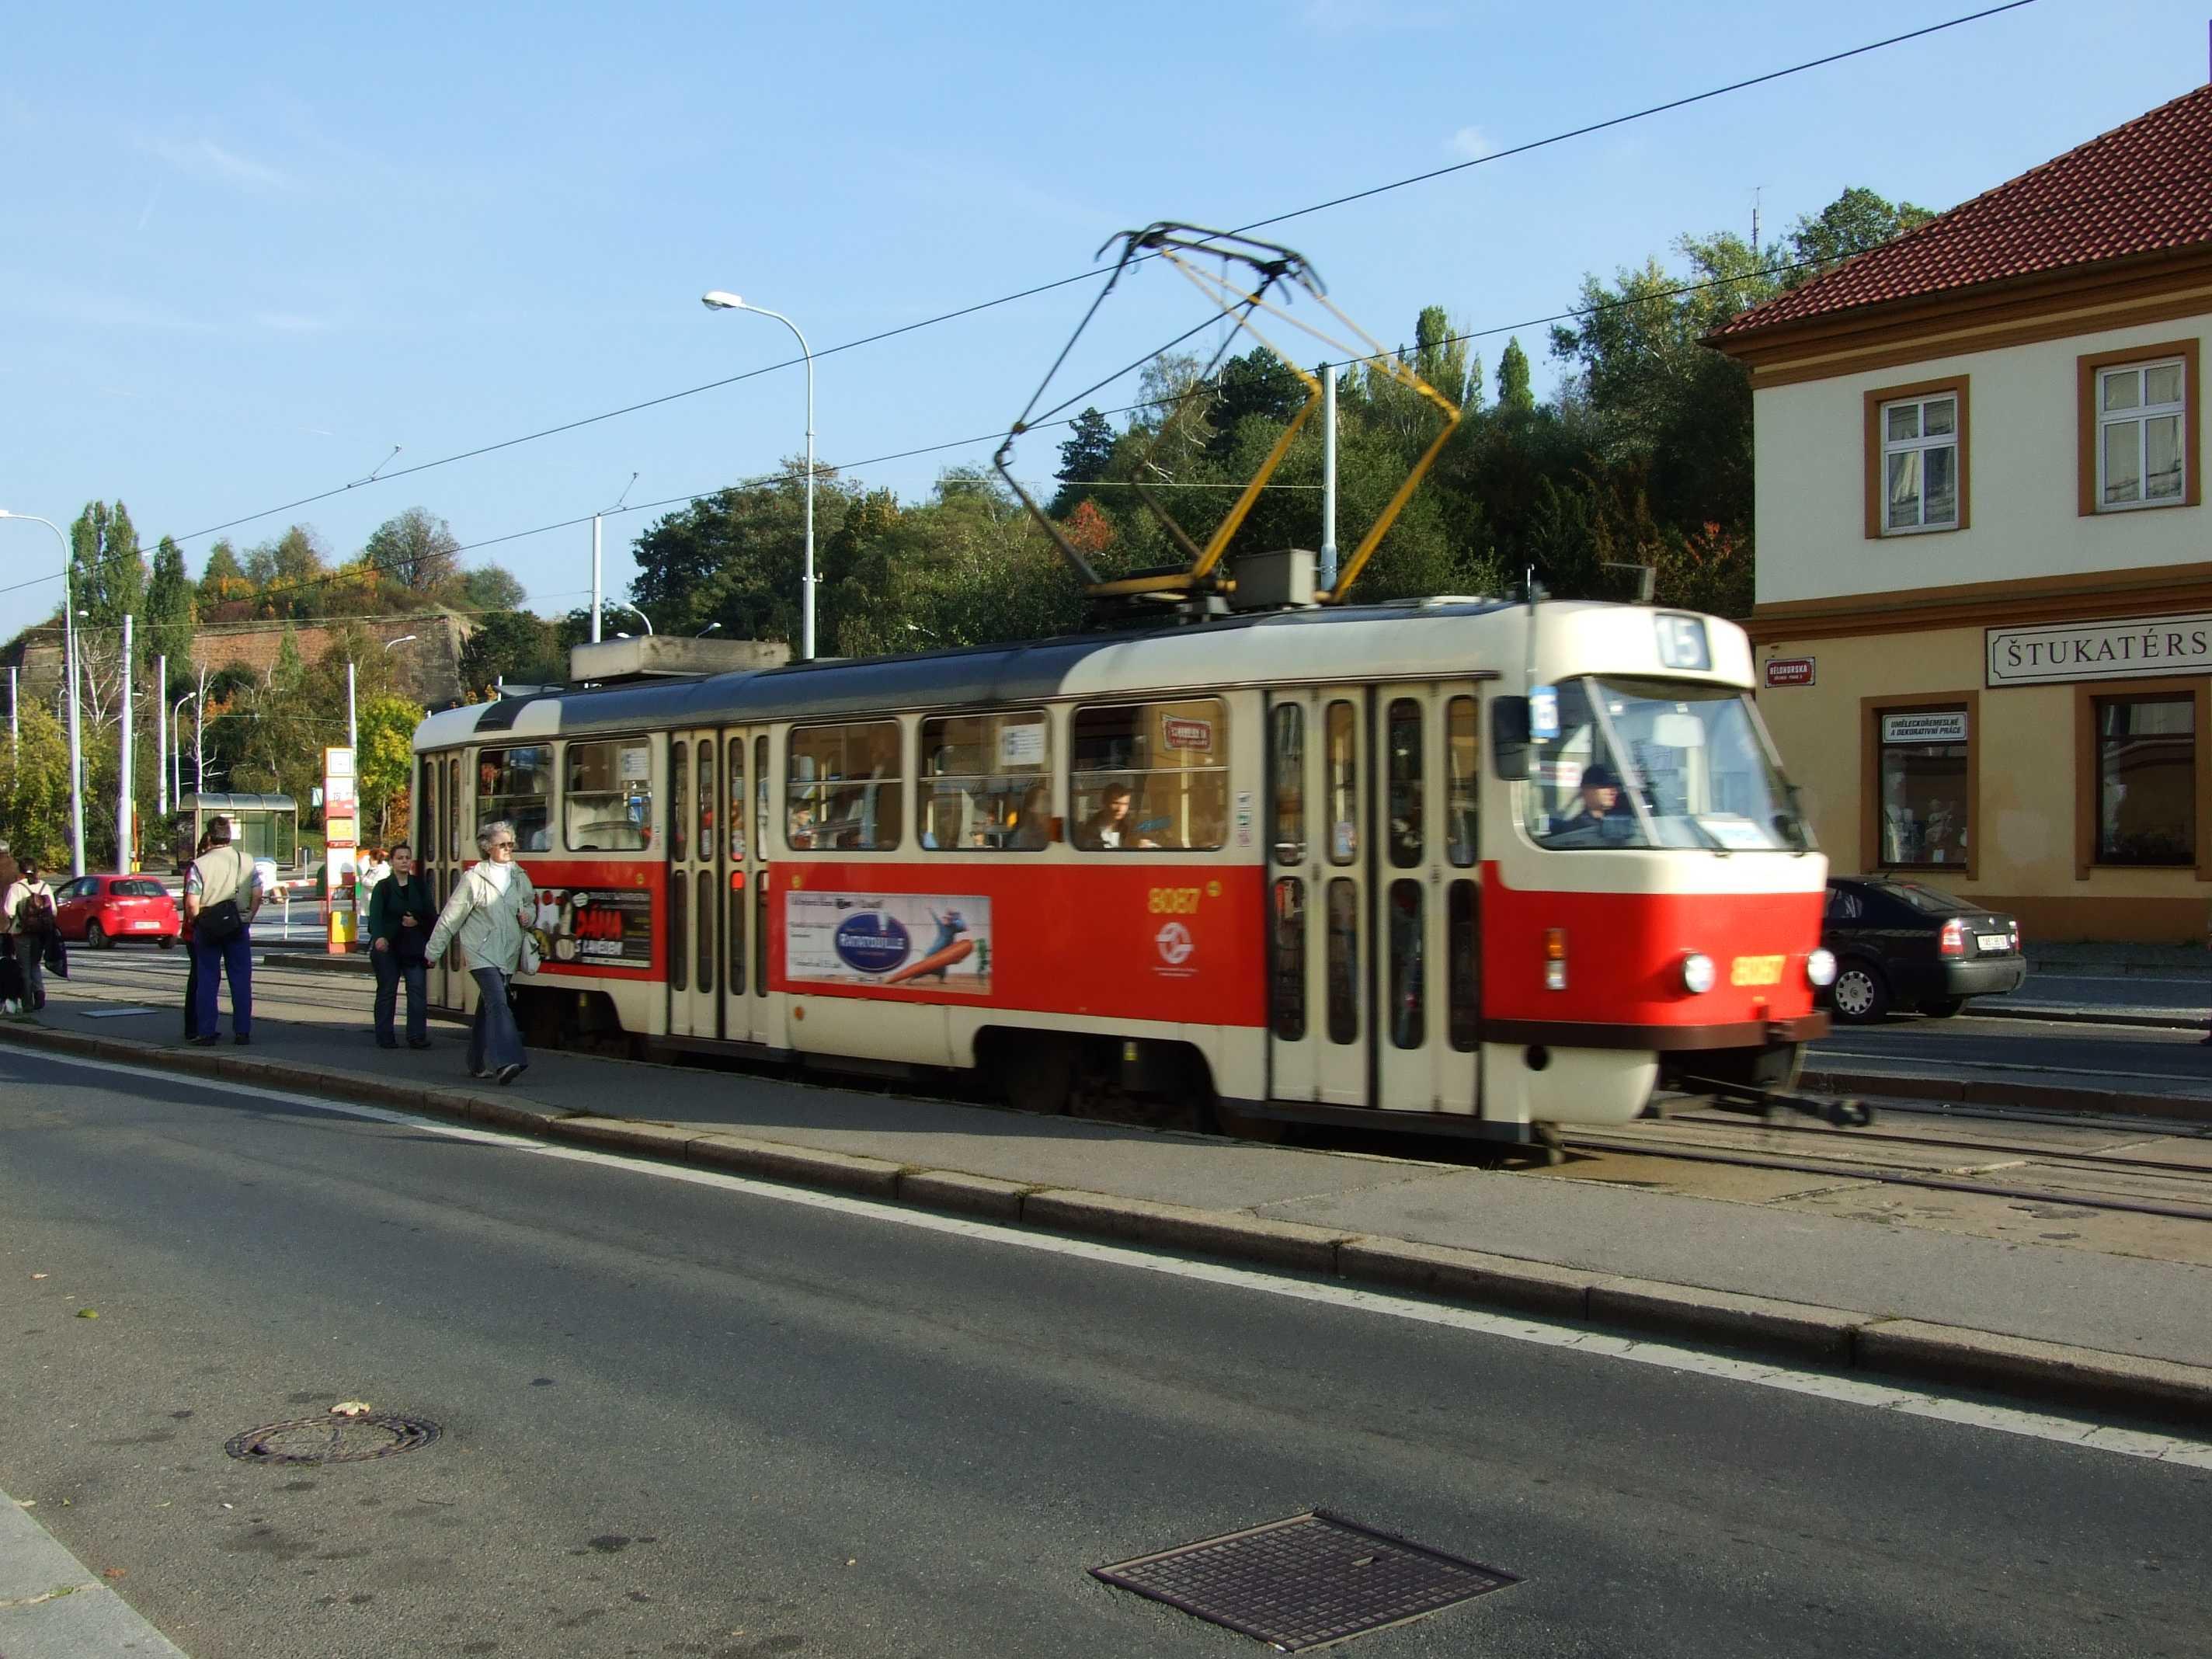 file praha břevnov malovanka tramvaj t3 jpg original file